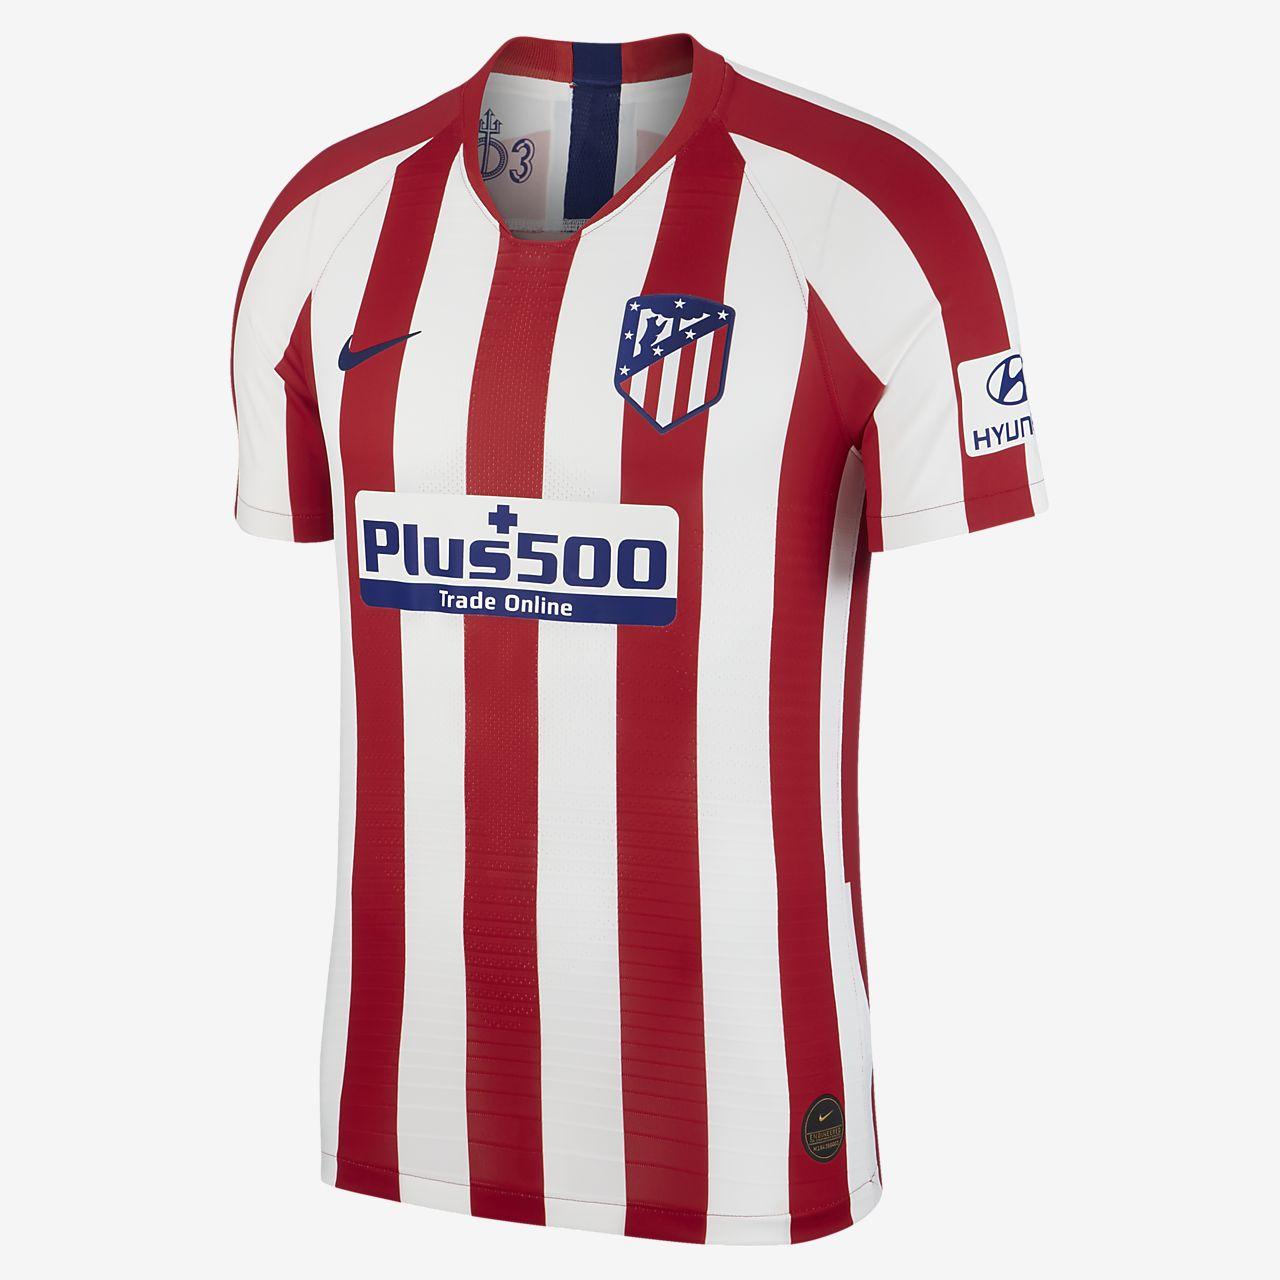 Camiseta de fútbol de local para hombre Vapor Match del Atlético de Madrid 2019/20